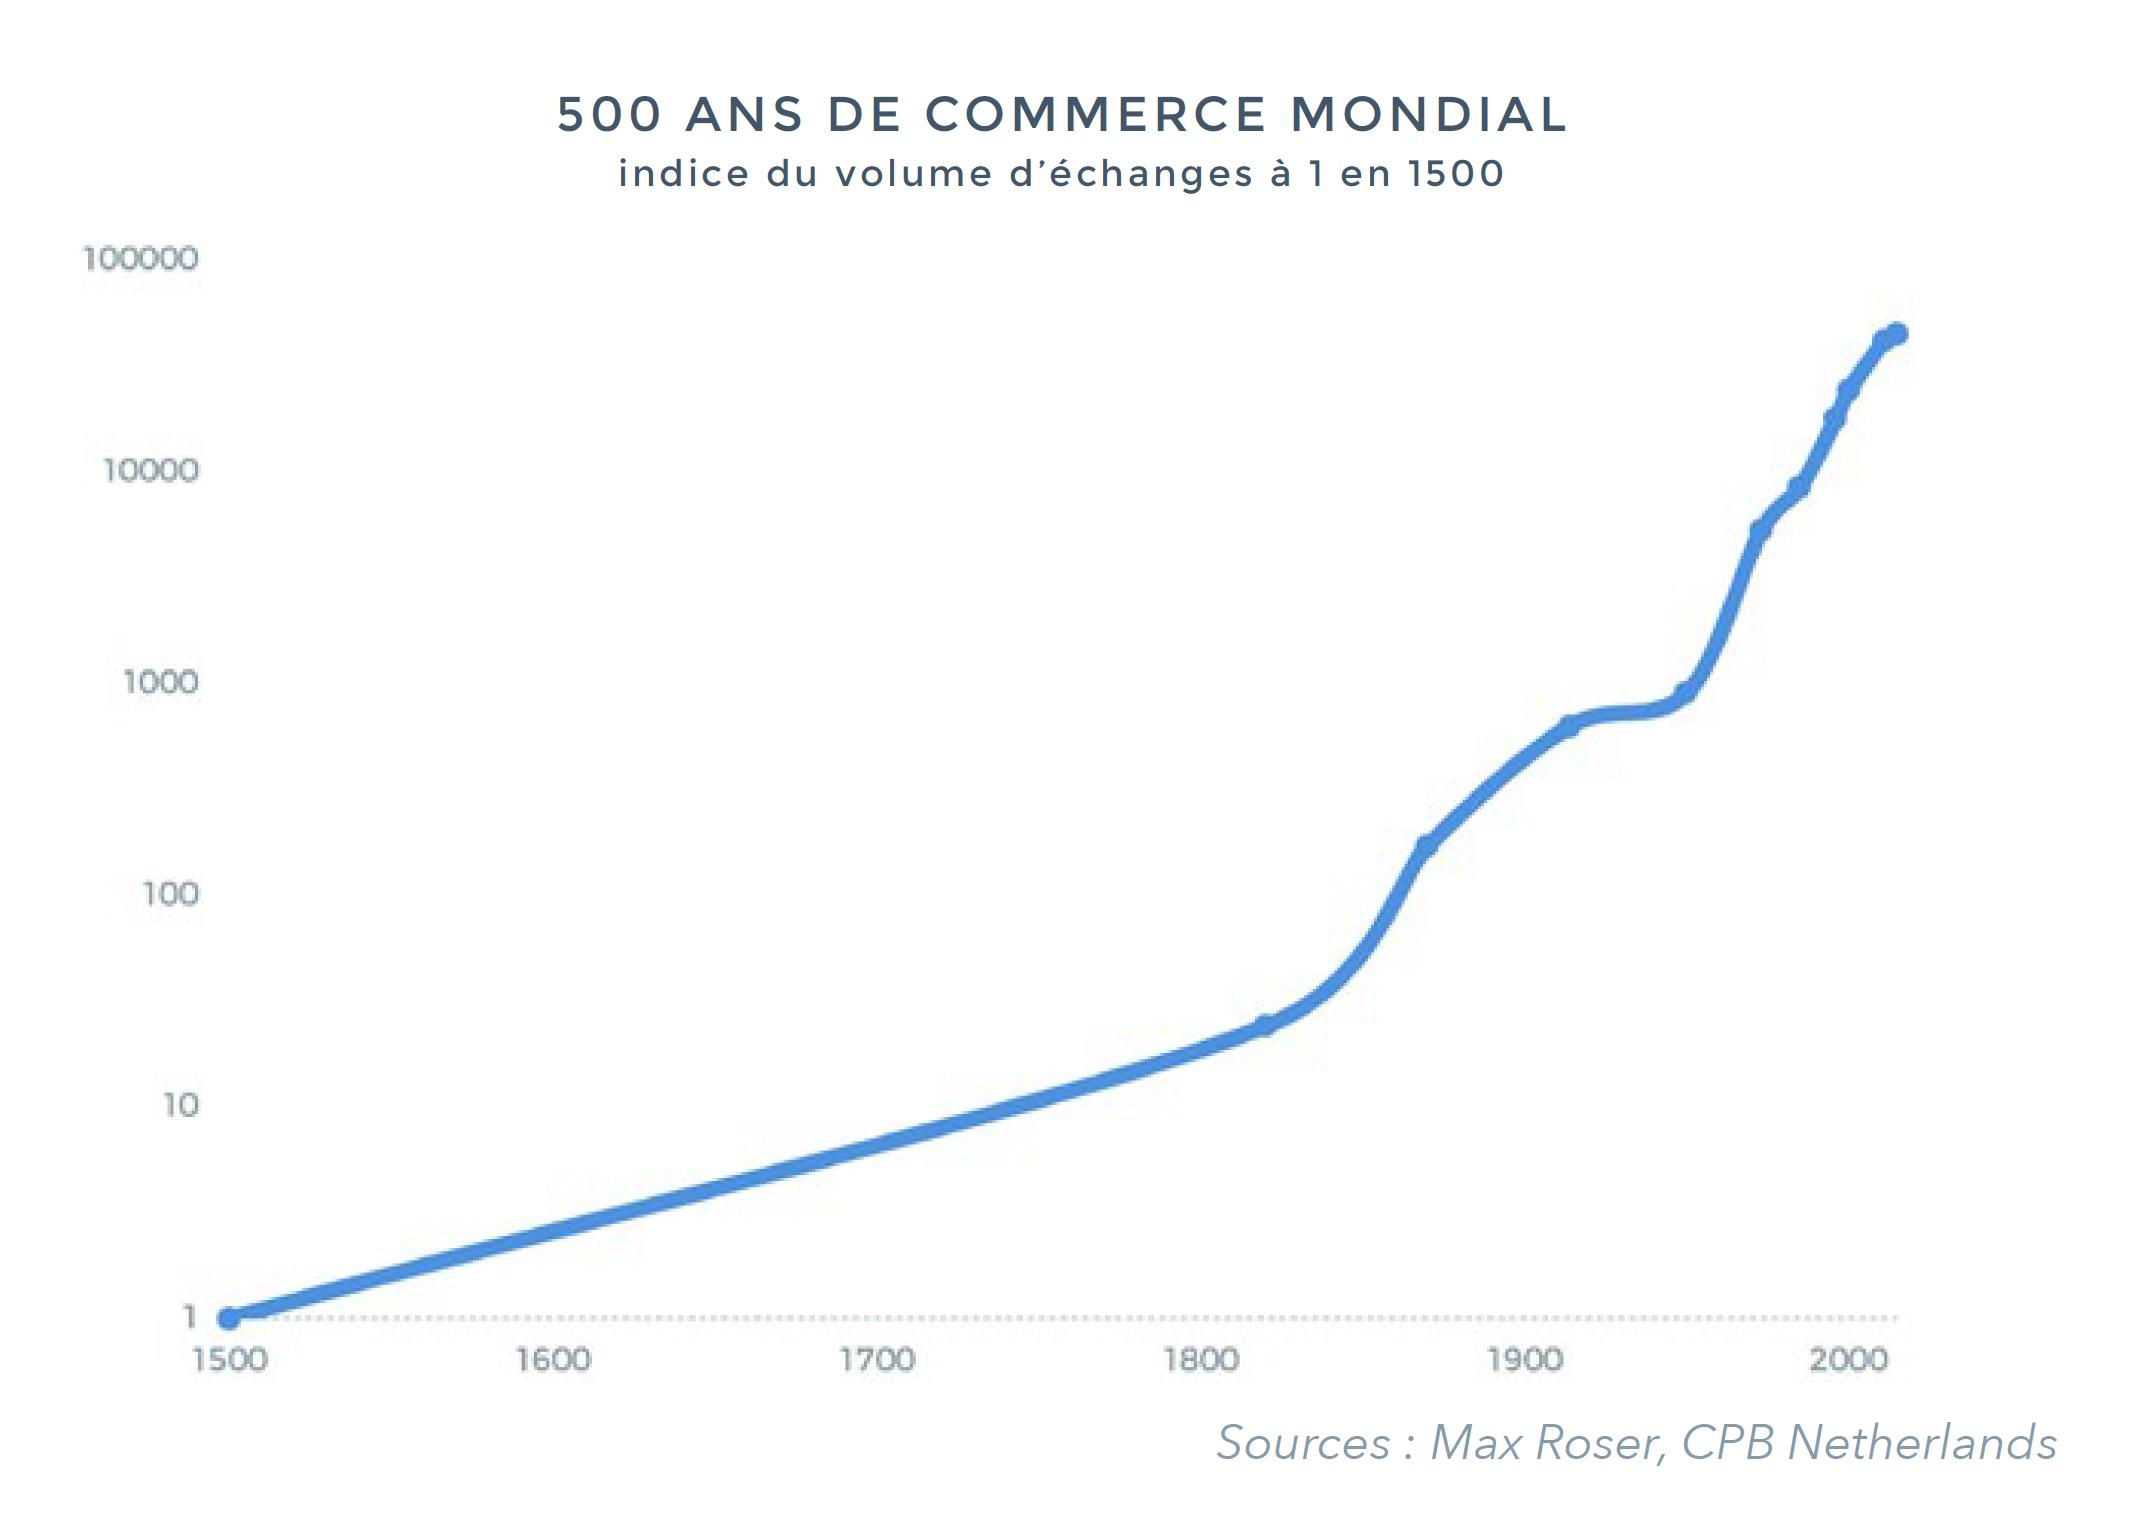 500-ans-de-commerce-mondial